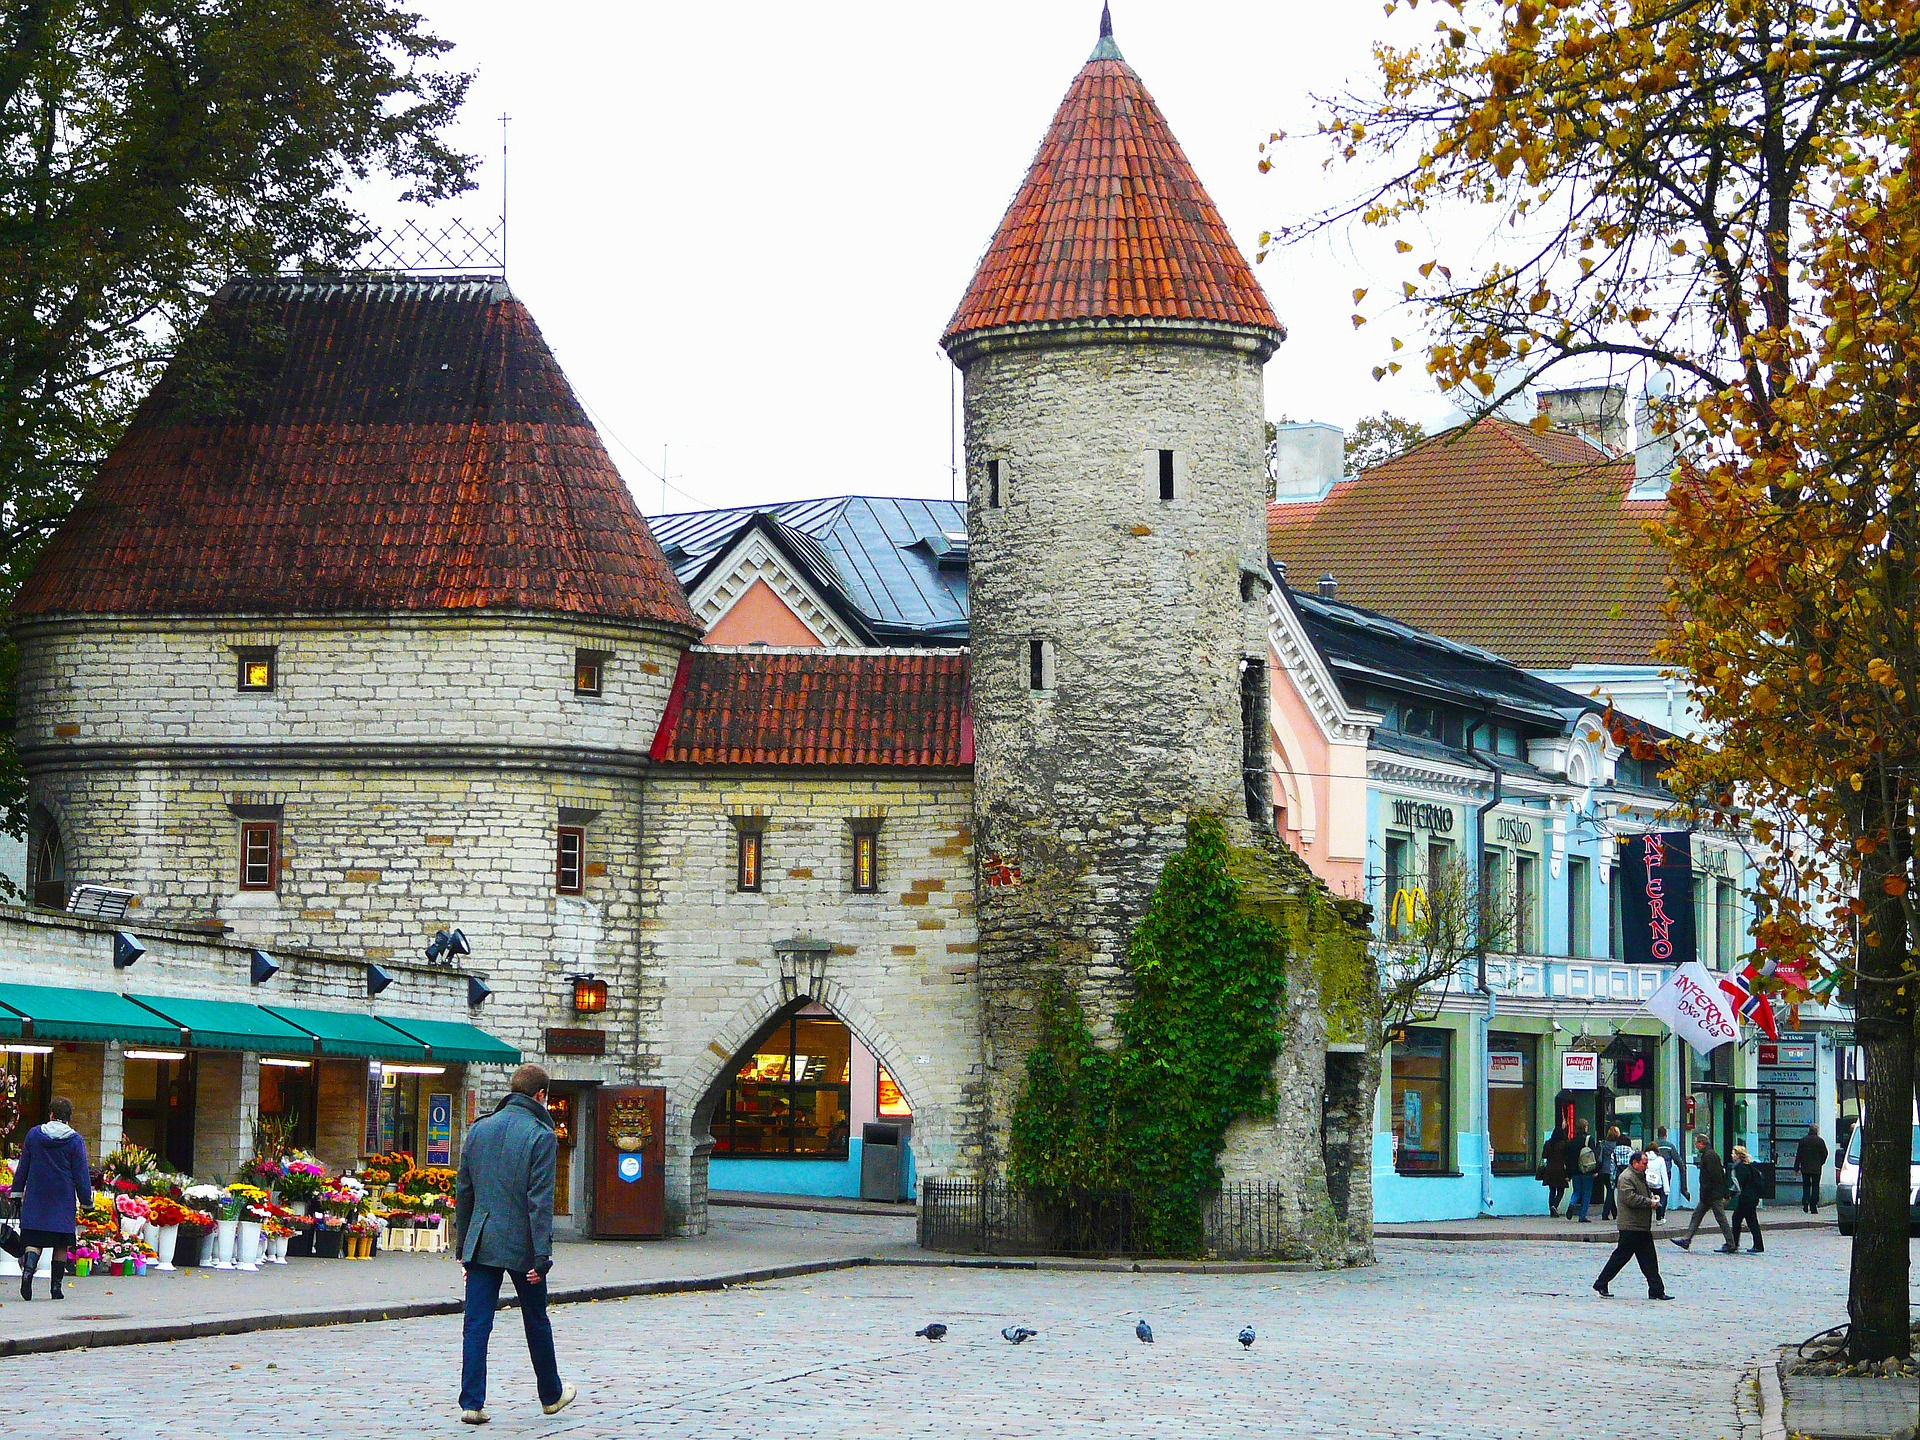 old-town-219158_1920.jpg